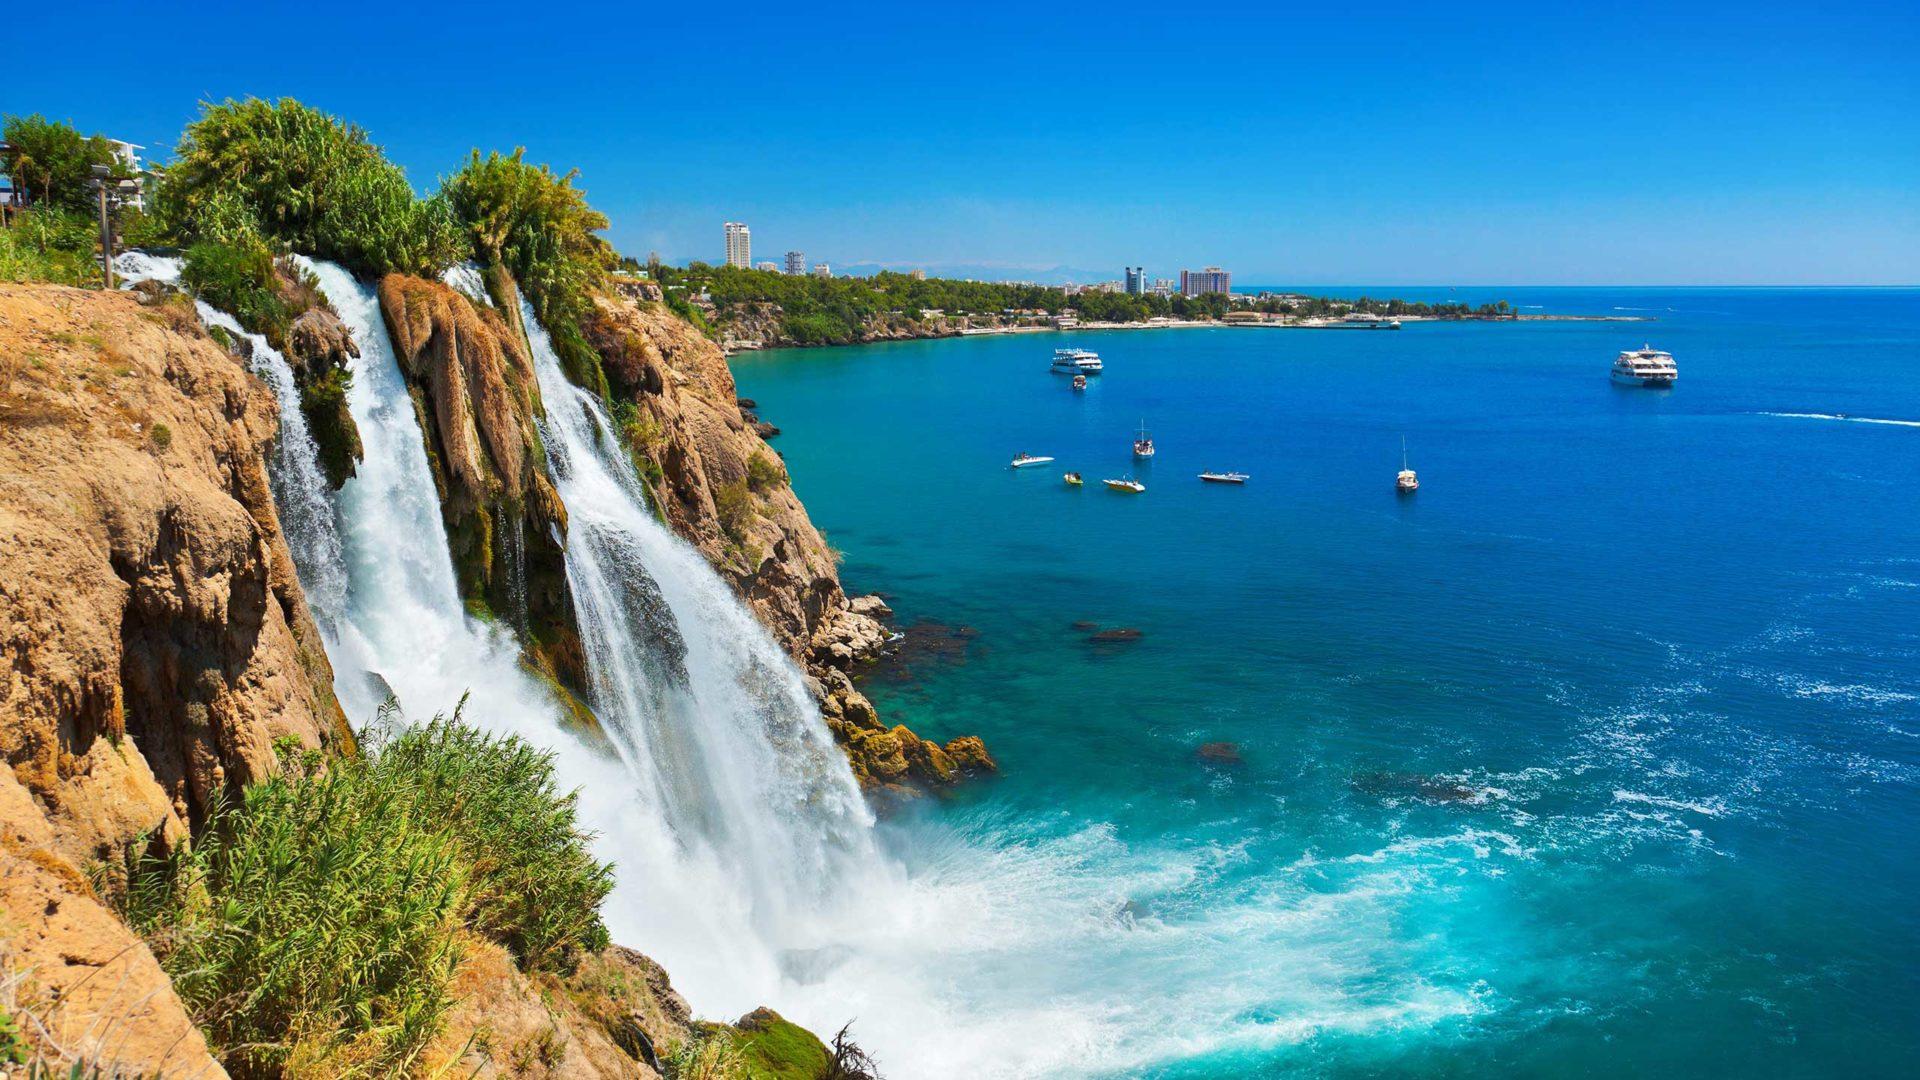 Когда возобновится туристический сезон: прогнозы турецких властей